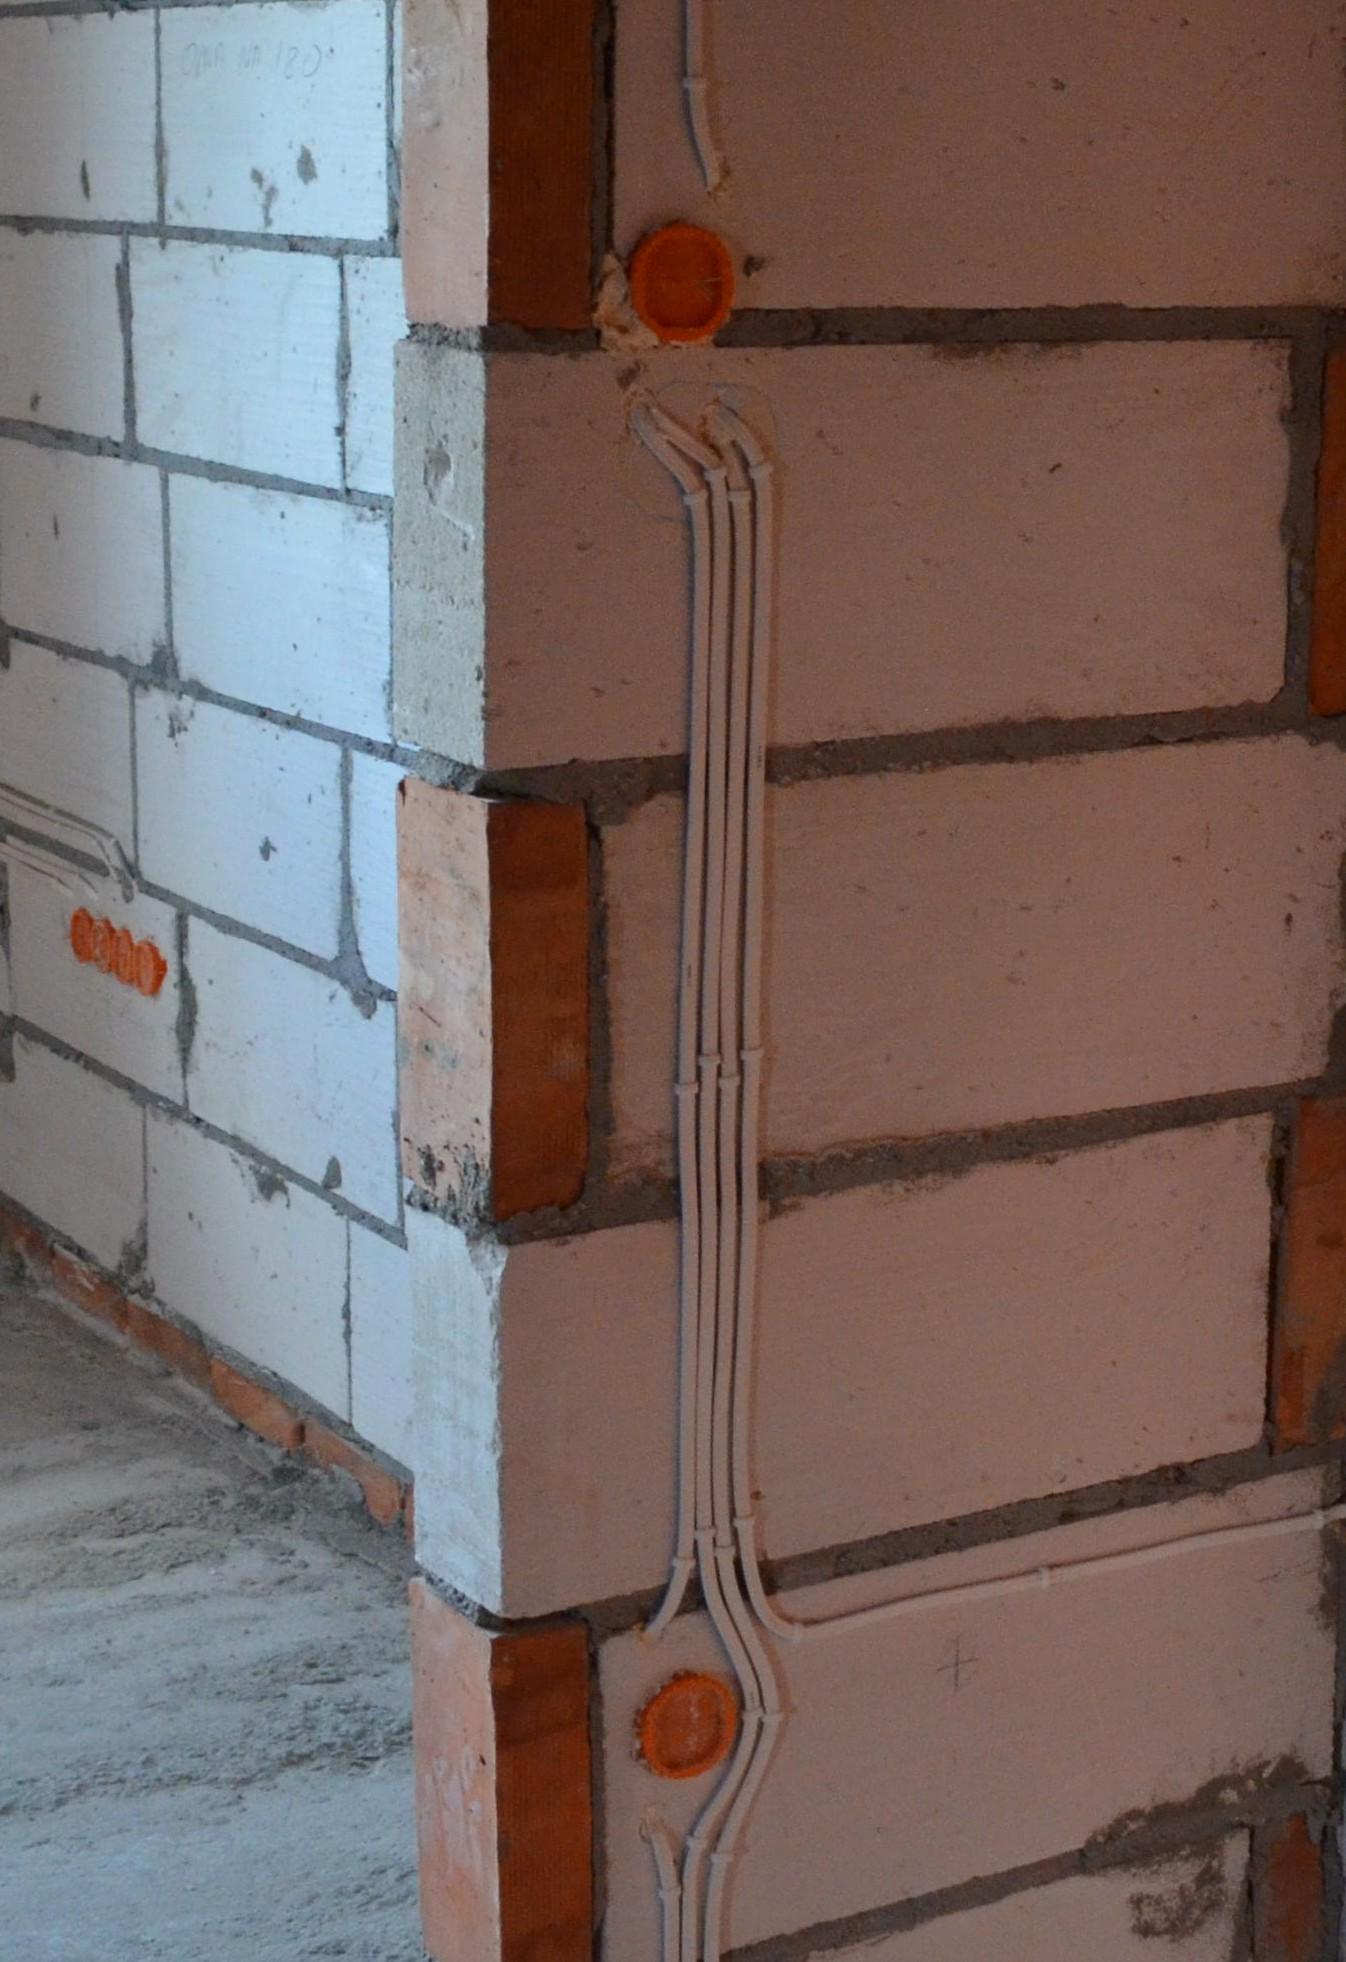 mocowanie przewodow elektrycznych  sciany  betonu